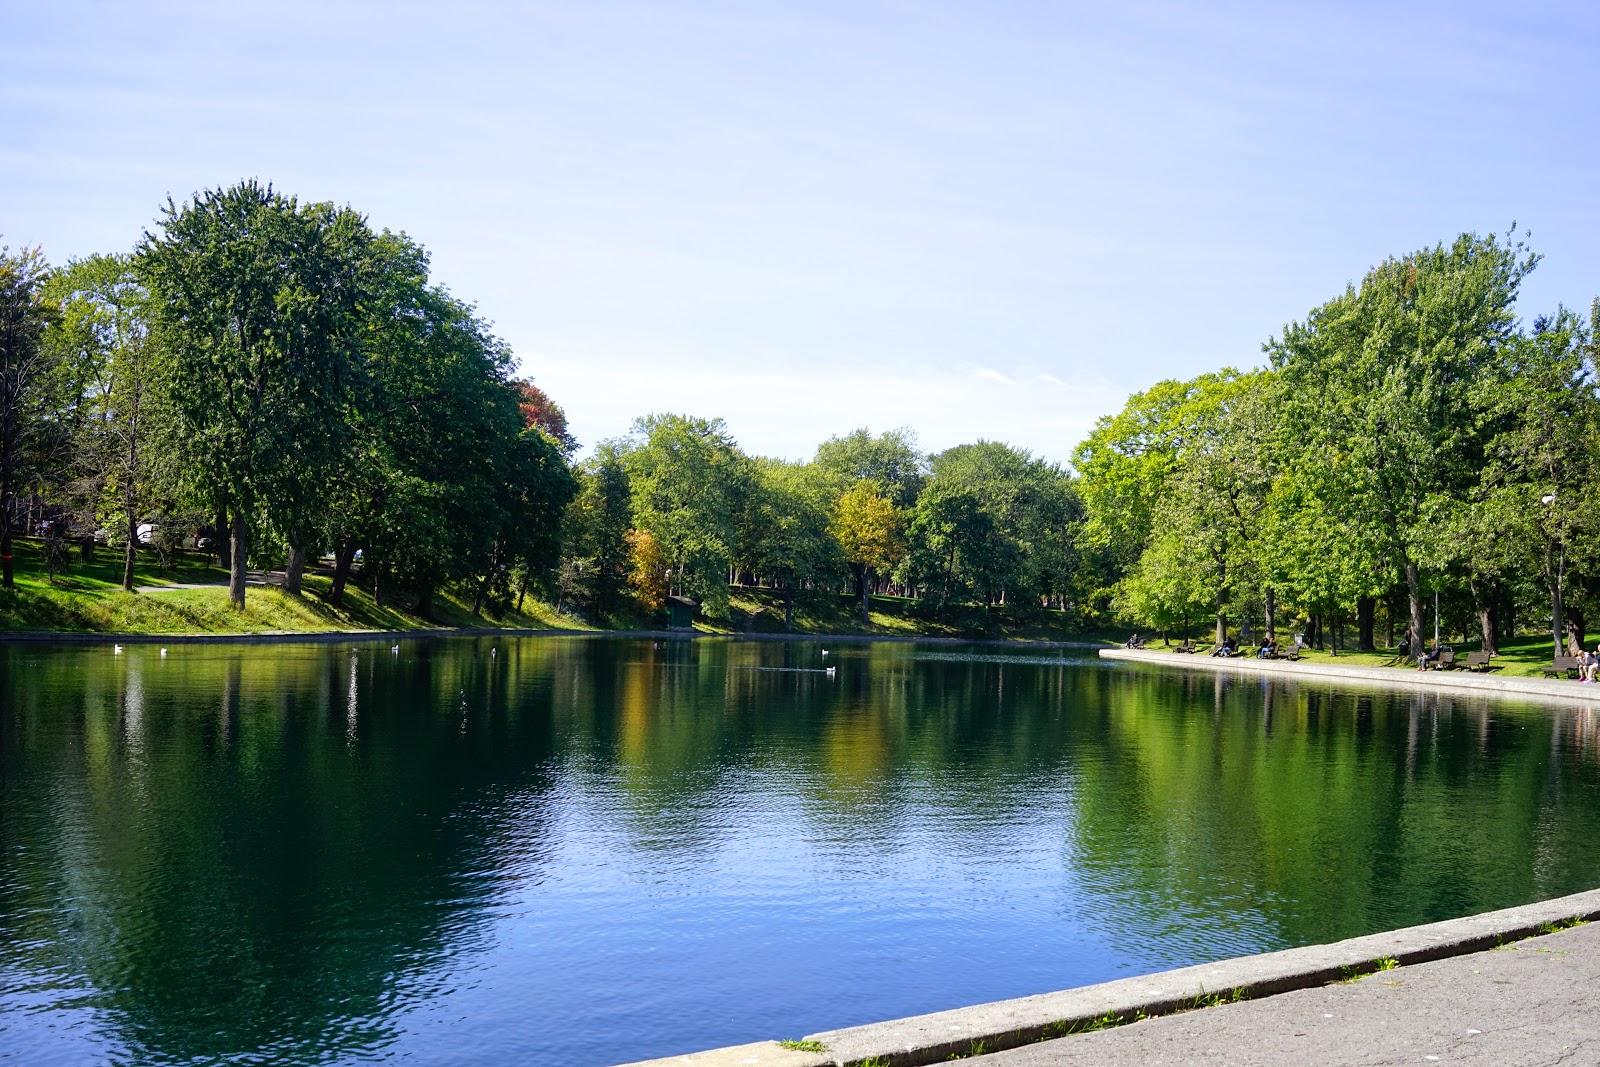 La Fontaine Parc